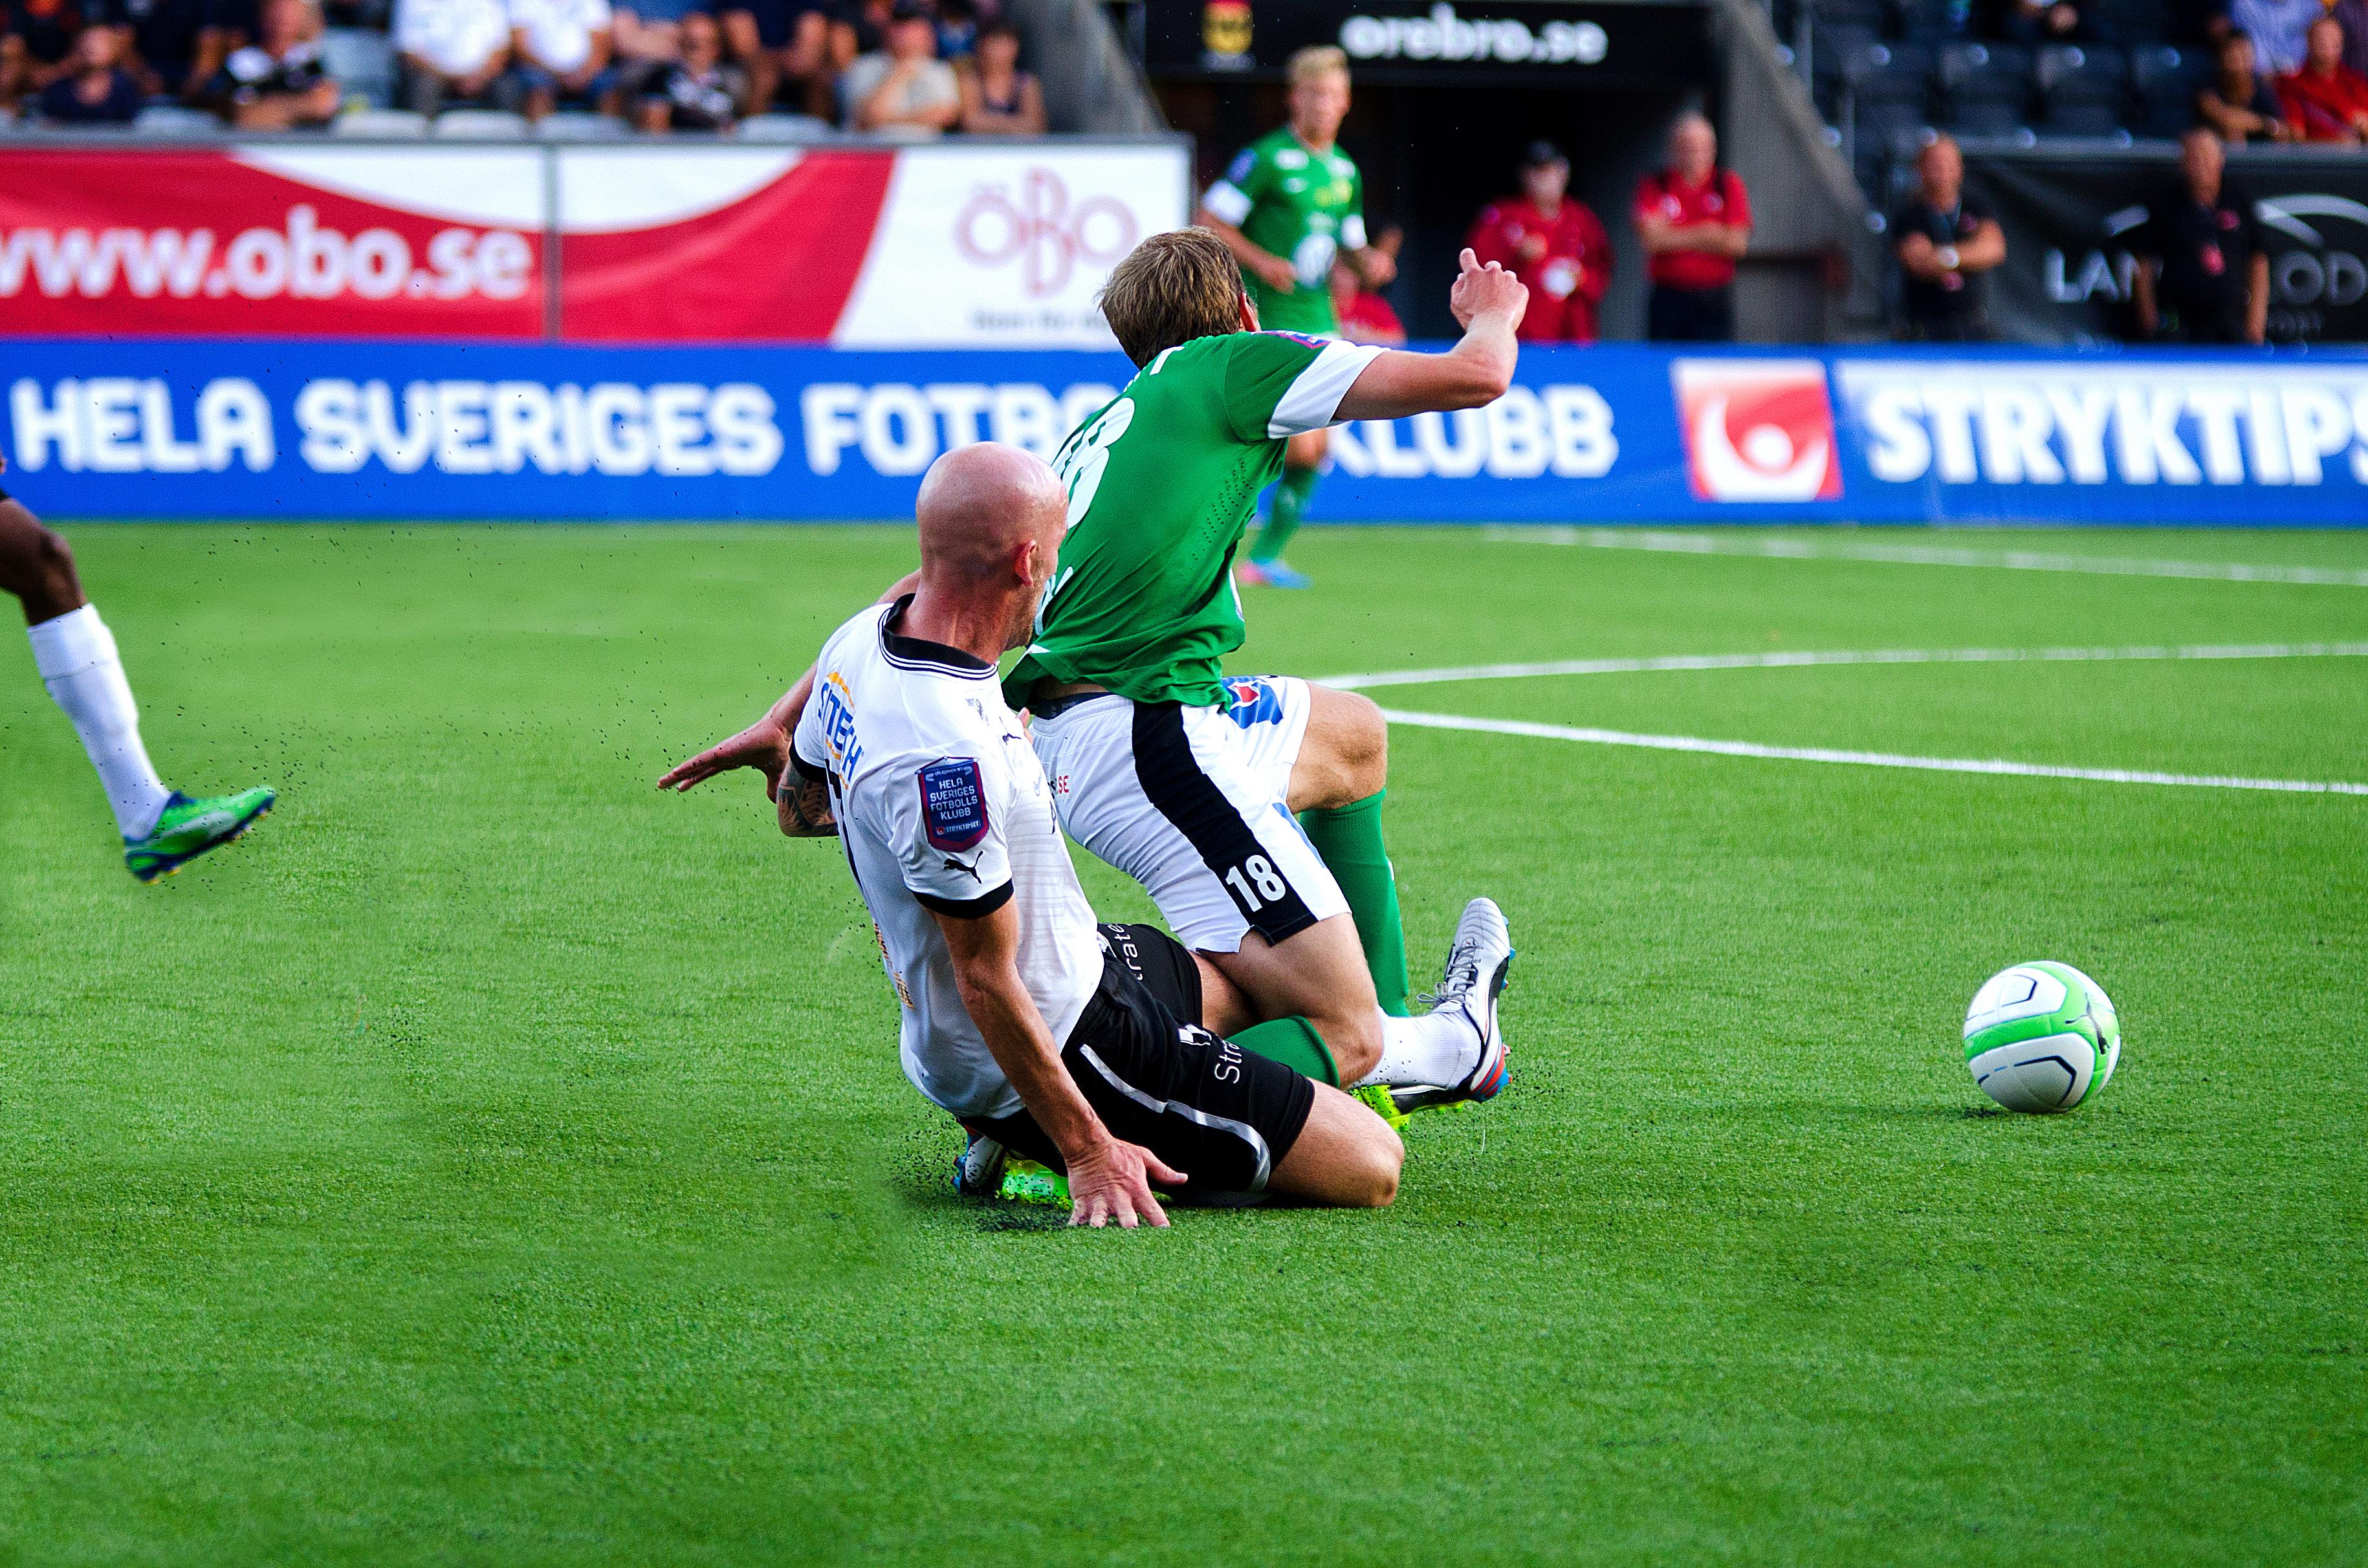 konstgräs fotboll konstgräsplan unisport saltex